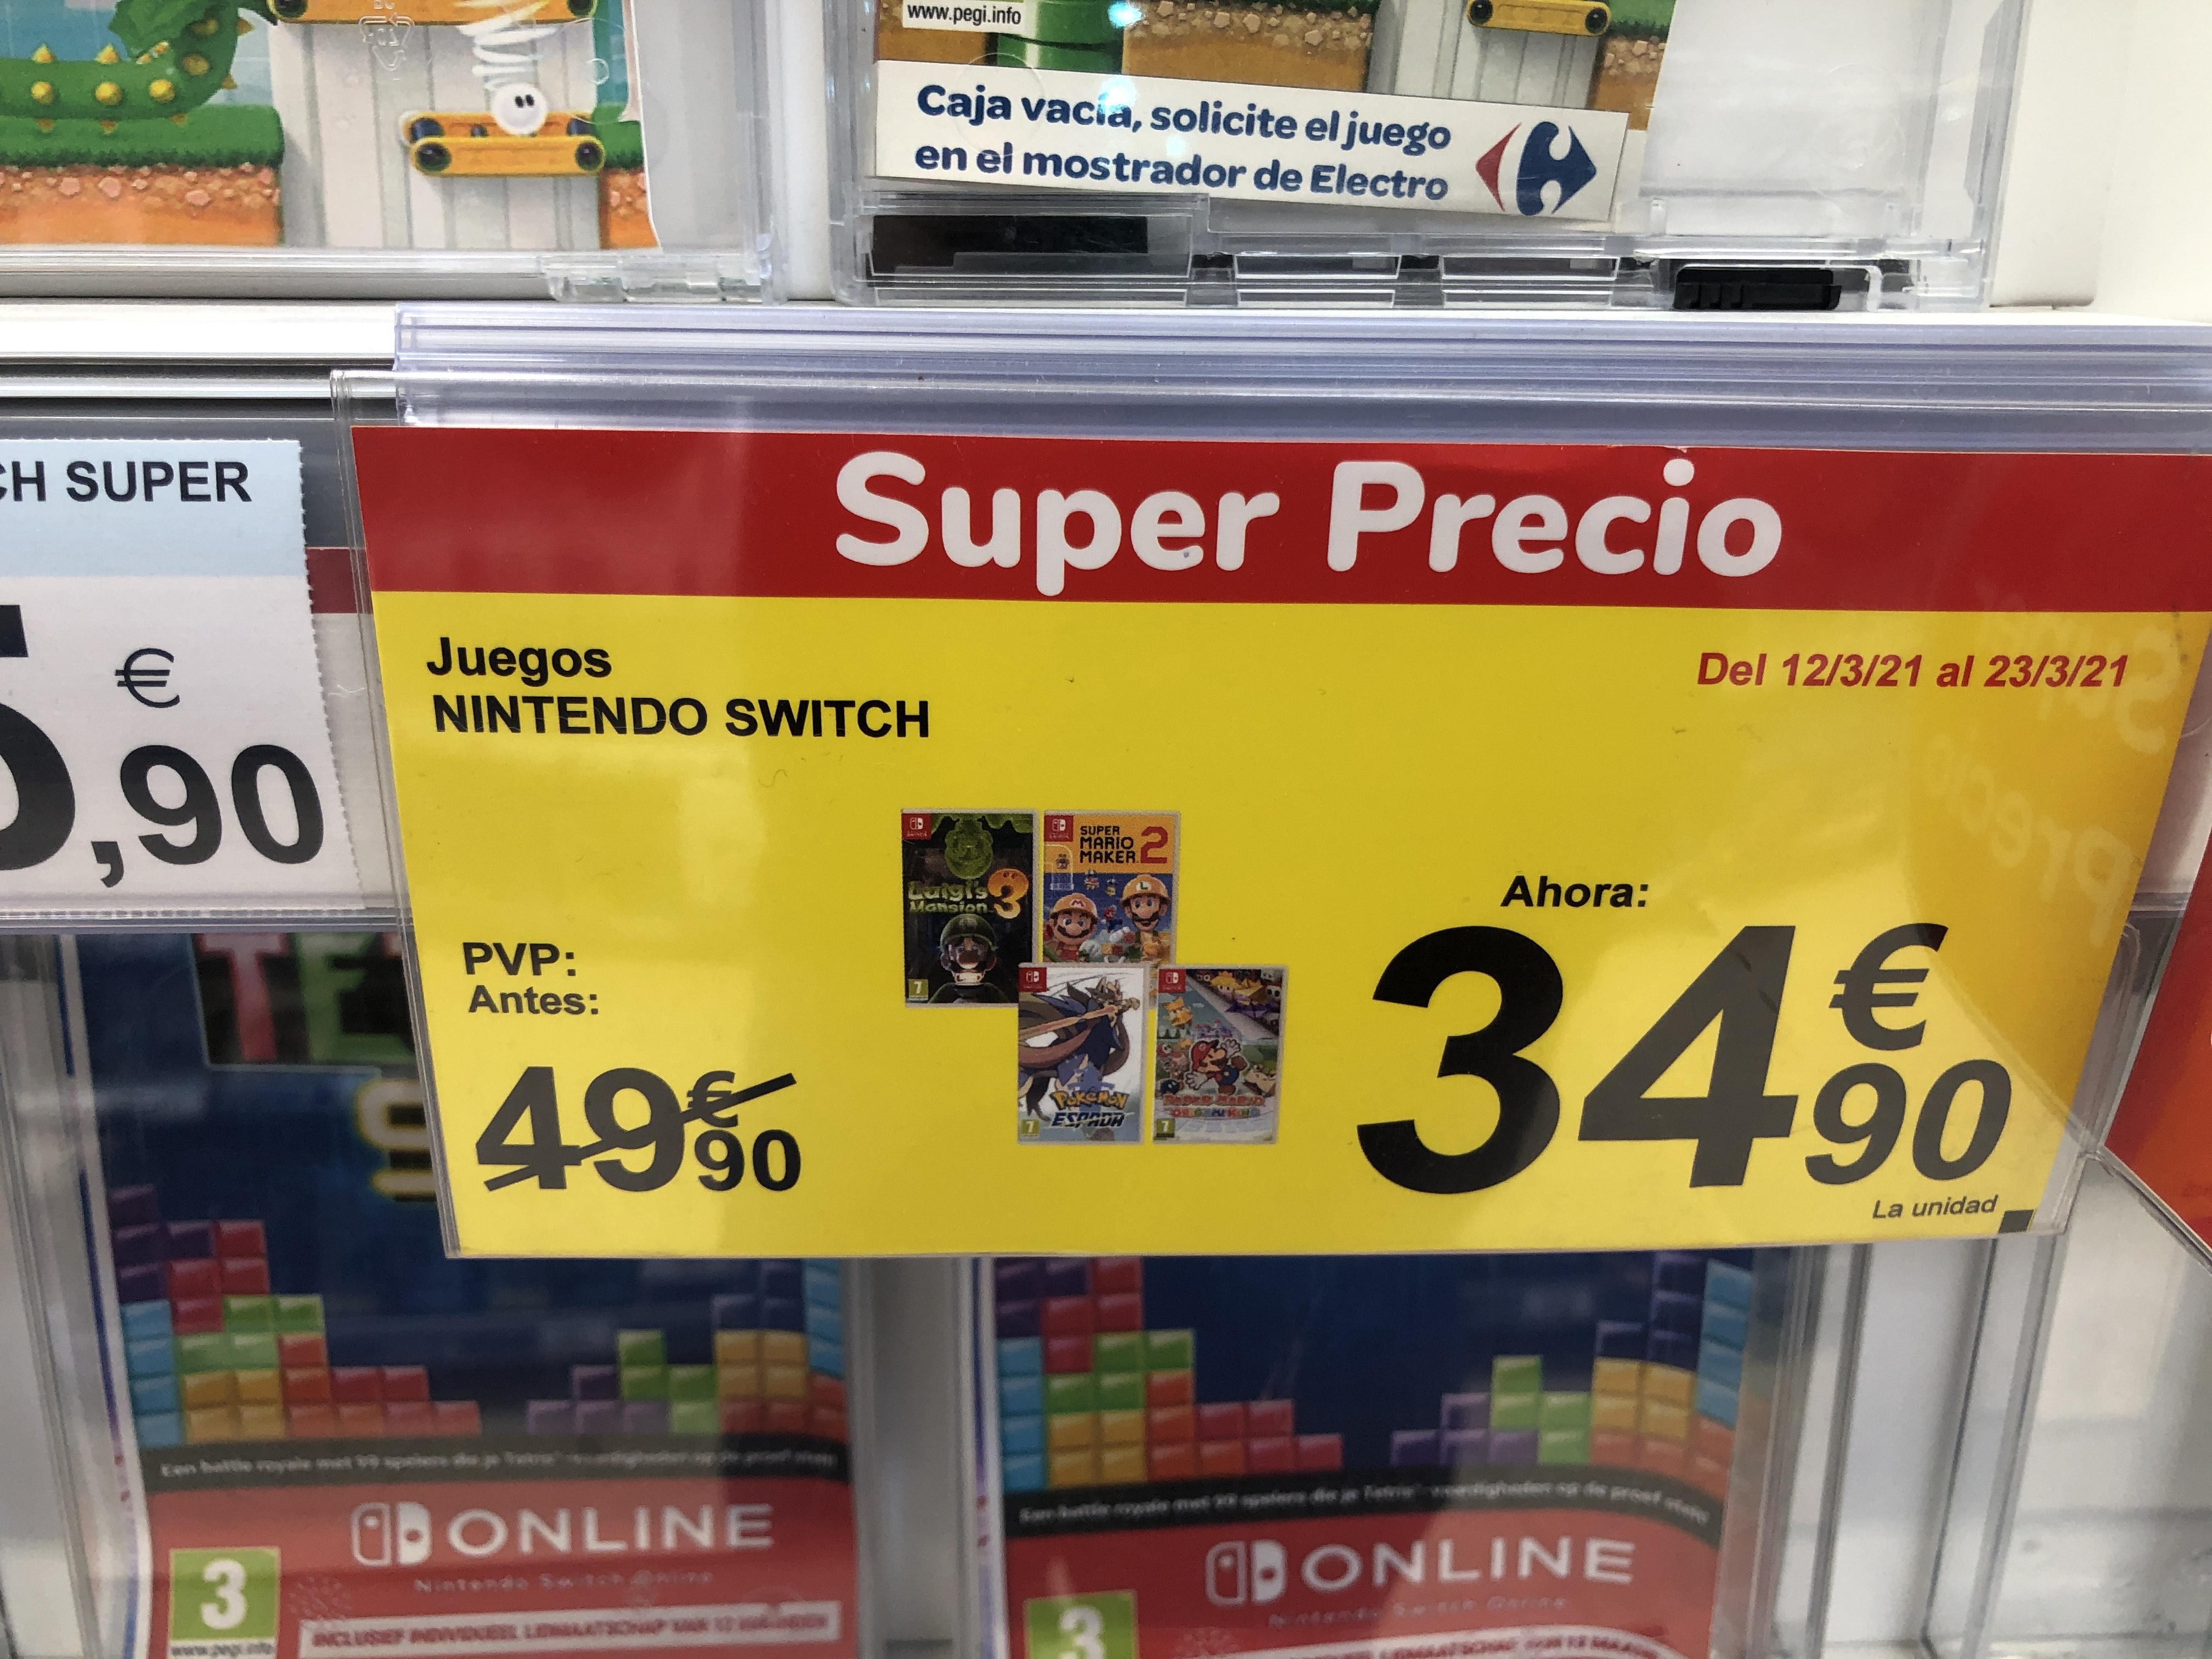 Juegos de Switch a 34,90€ en Carrefour Orihuela